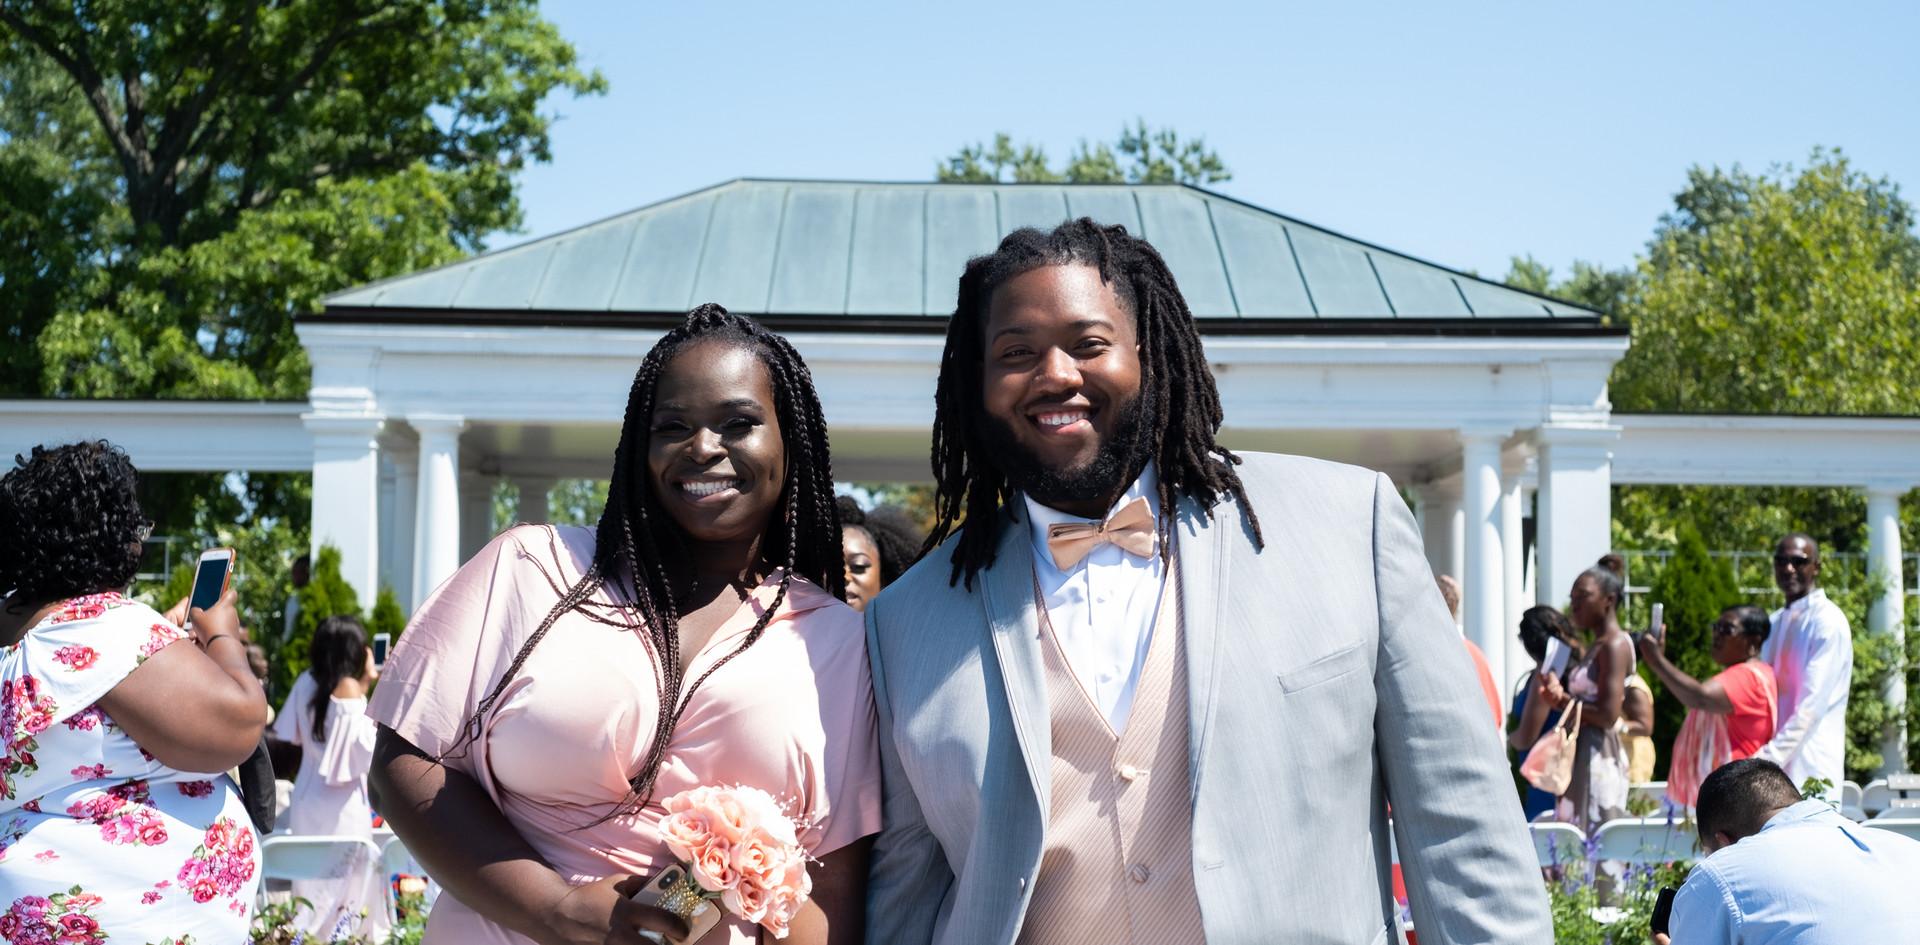 ju-bianca-wedding-155.jpg